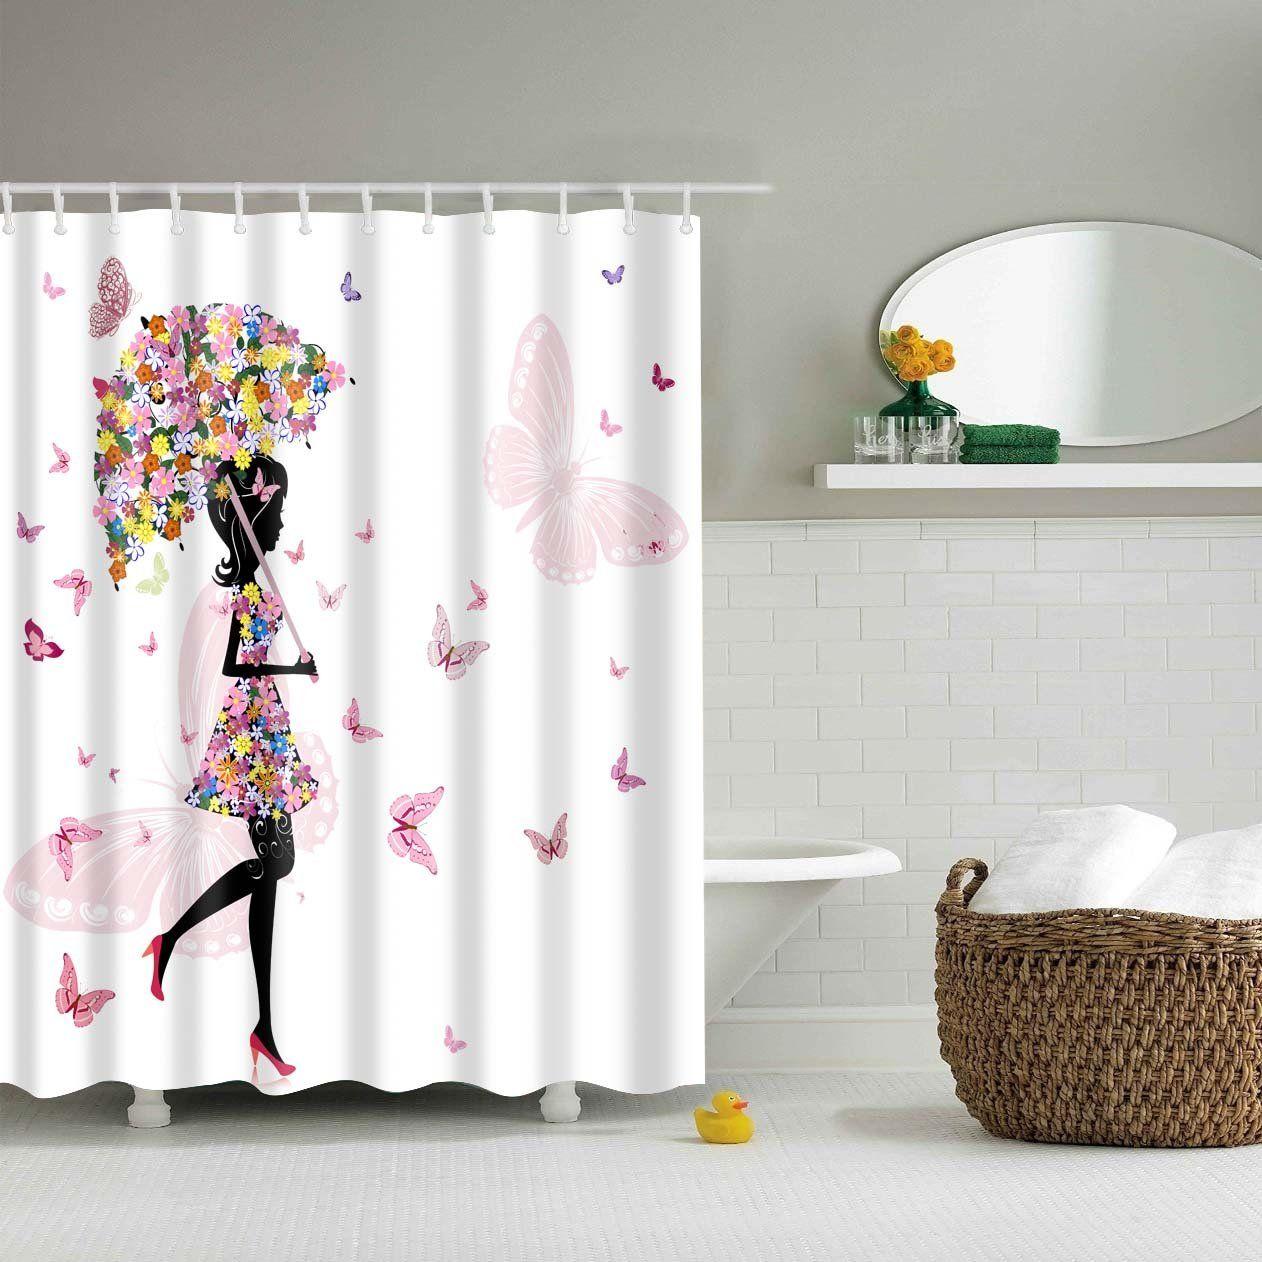 Fairy Girl With Umbrella Shower Curtain Bathroom Decor Fabric